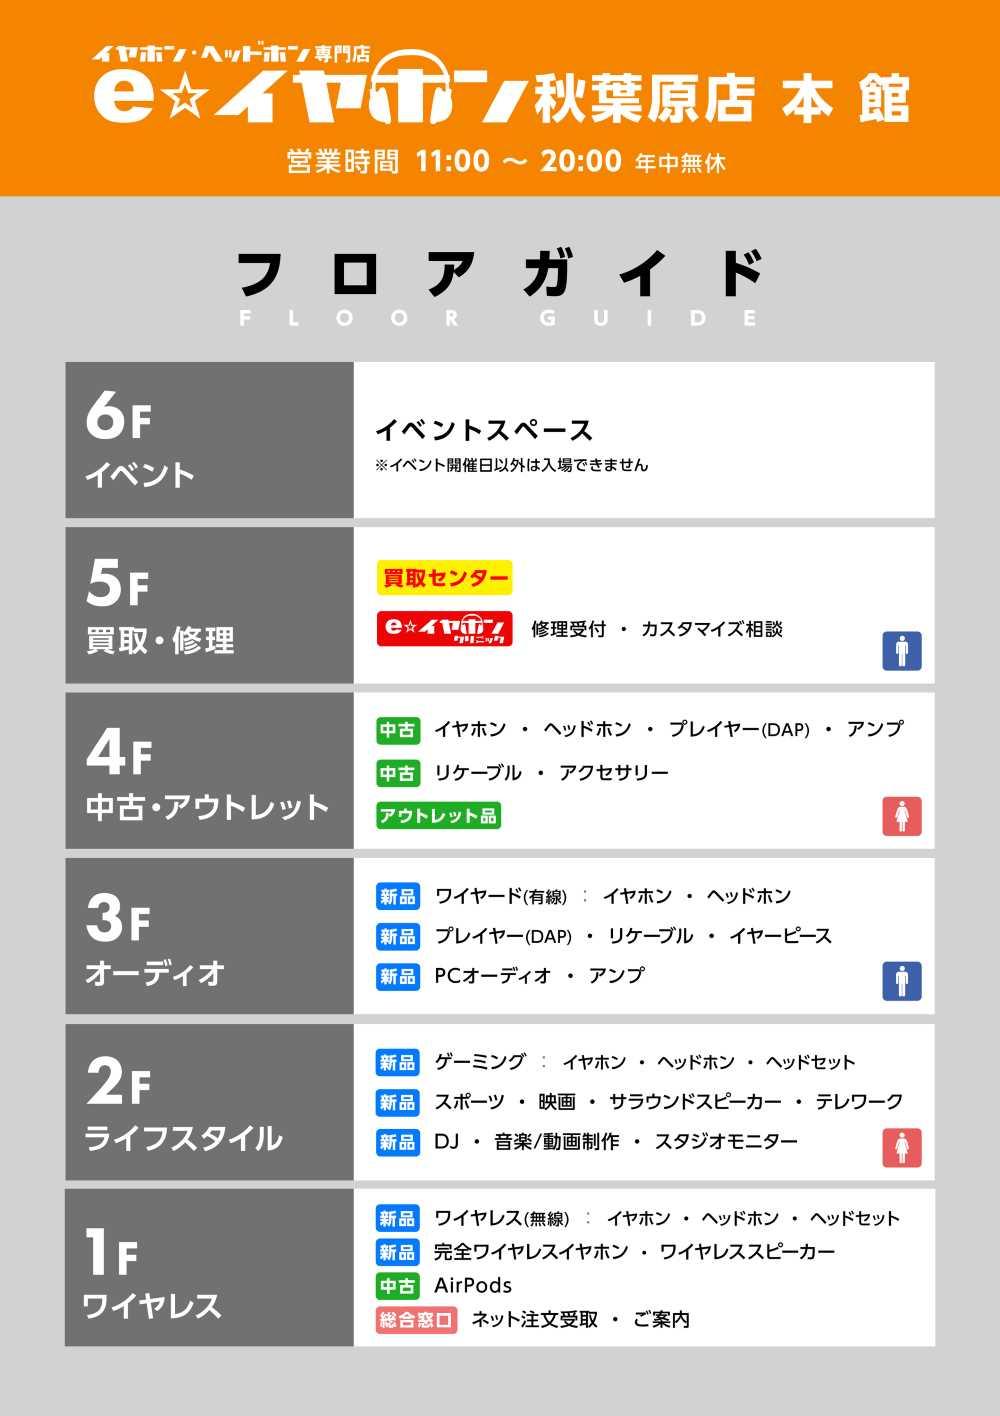 画像3: e☆イヤホン新秋葉原店、4月22日に移転オープン決定! 展示スペースも拡張し、イベントスペースも構築